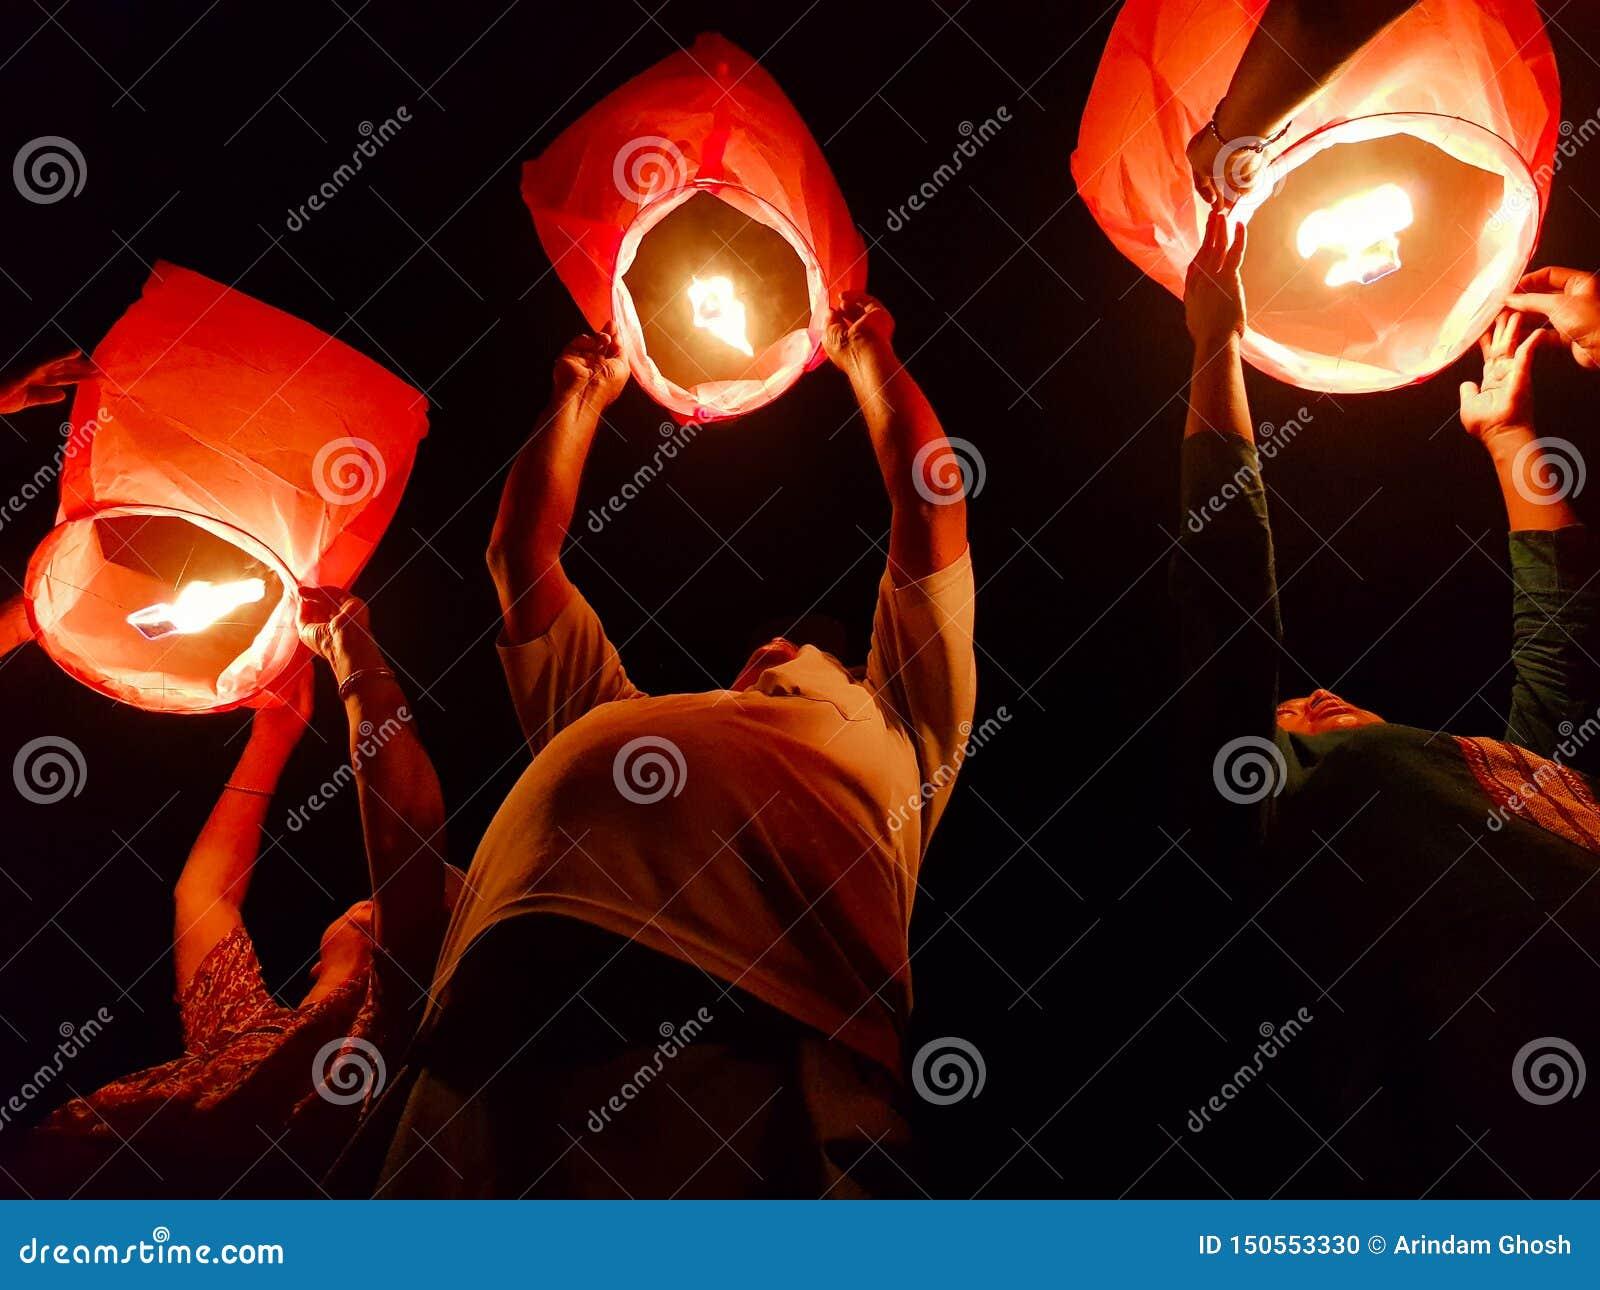 Ноябрь 2018, Kolkata, Индия Человек 3 выпуская освещенный бумажный горячий воздушный шар в фестивале фонарика неба вечером в Kolk